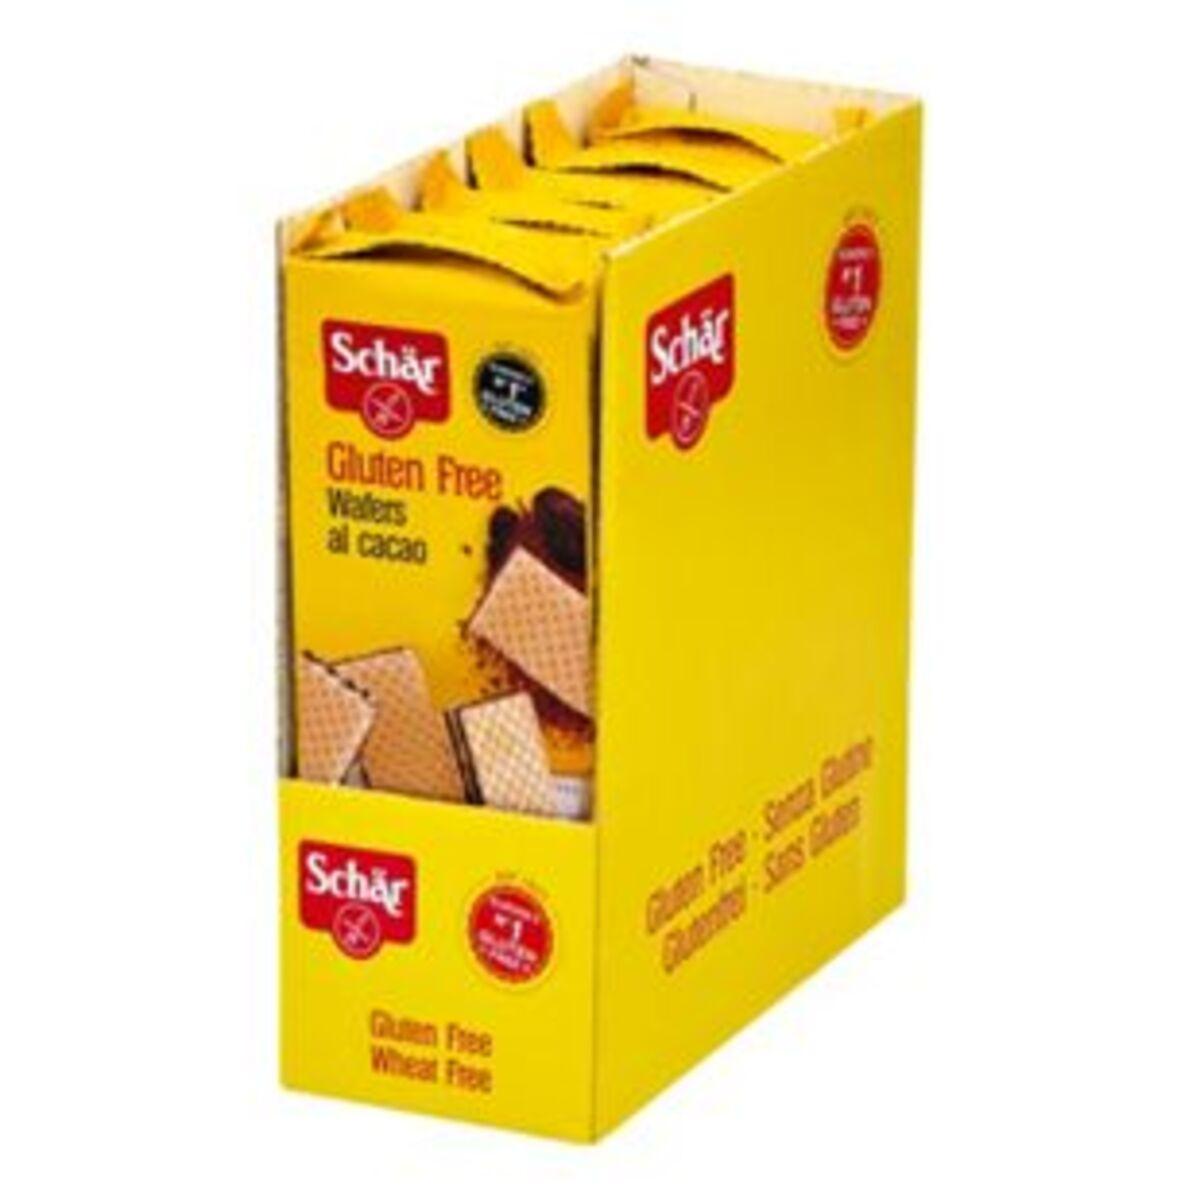 Bild 2 von Schär Wafers al cacao 125 g, 6er Pack